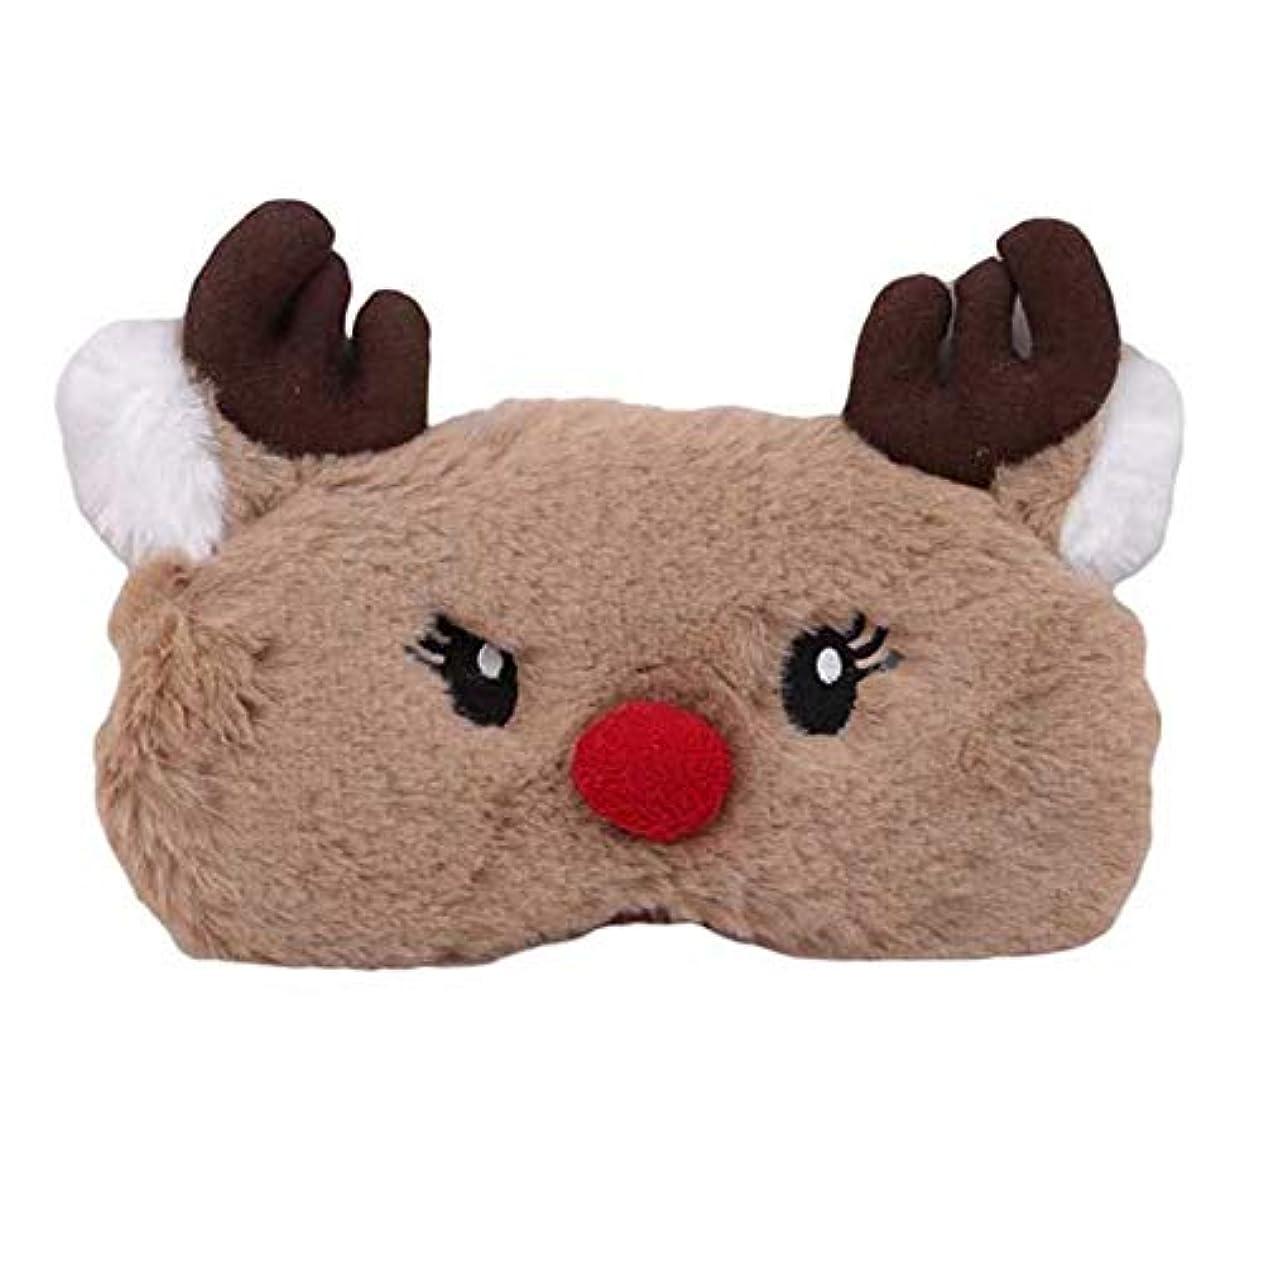 ノミネートユダヤ人実験をするNOTE 1ピースかわいい動物アイカバースリーピングマスクアイパッチ包帯目隠しクリスマス鹿冬漫画昼寝アイシェードぬいぐるみフェイスマスク